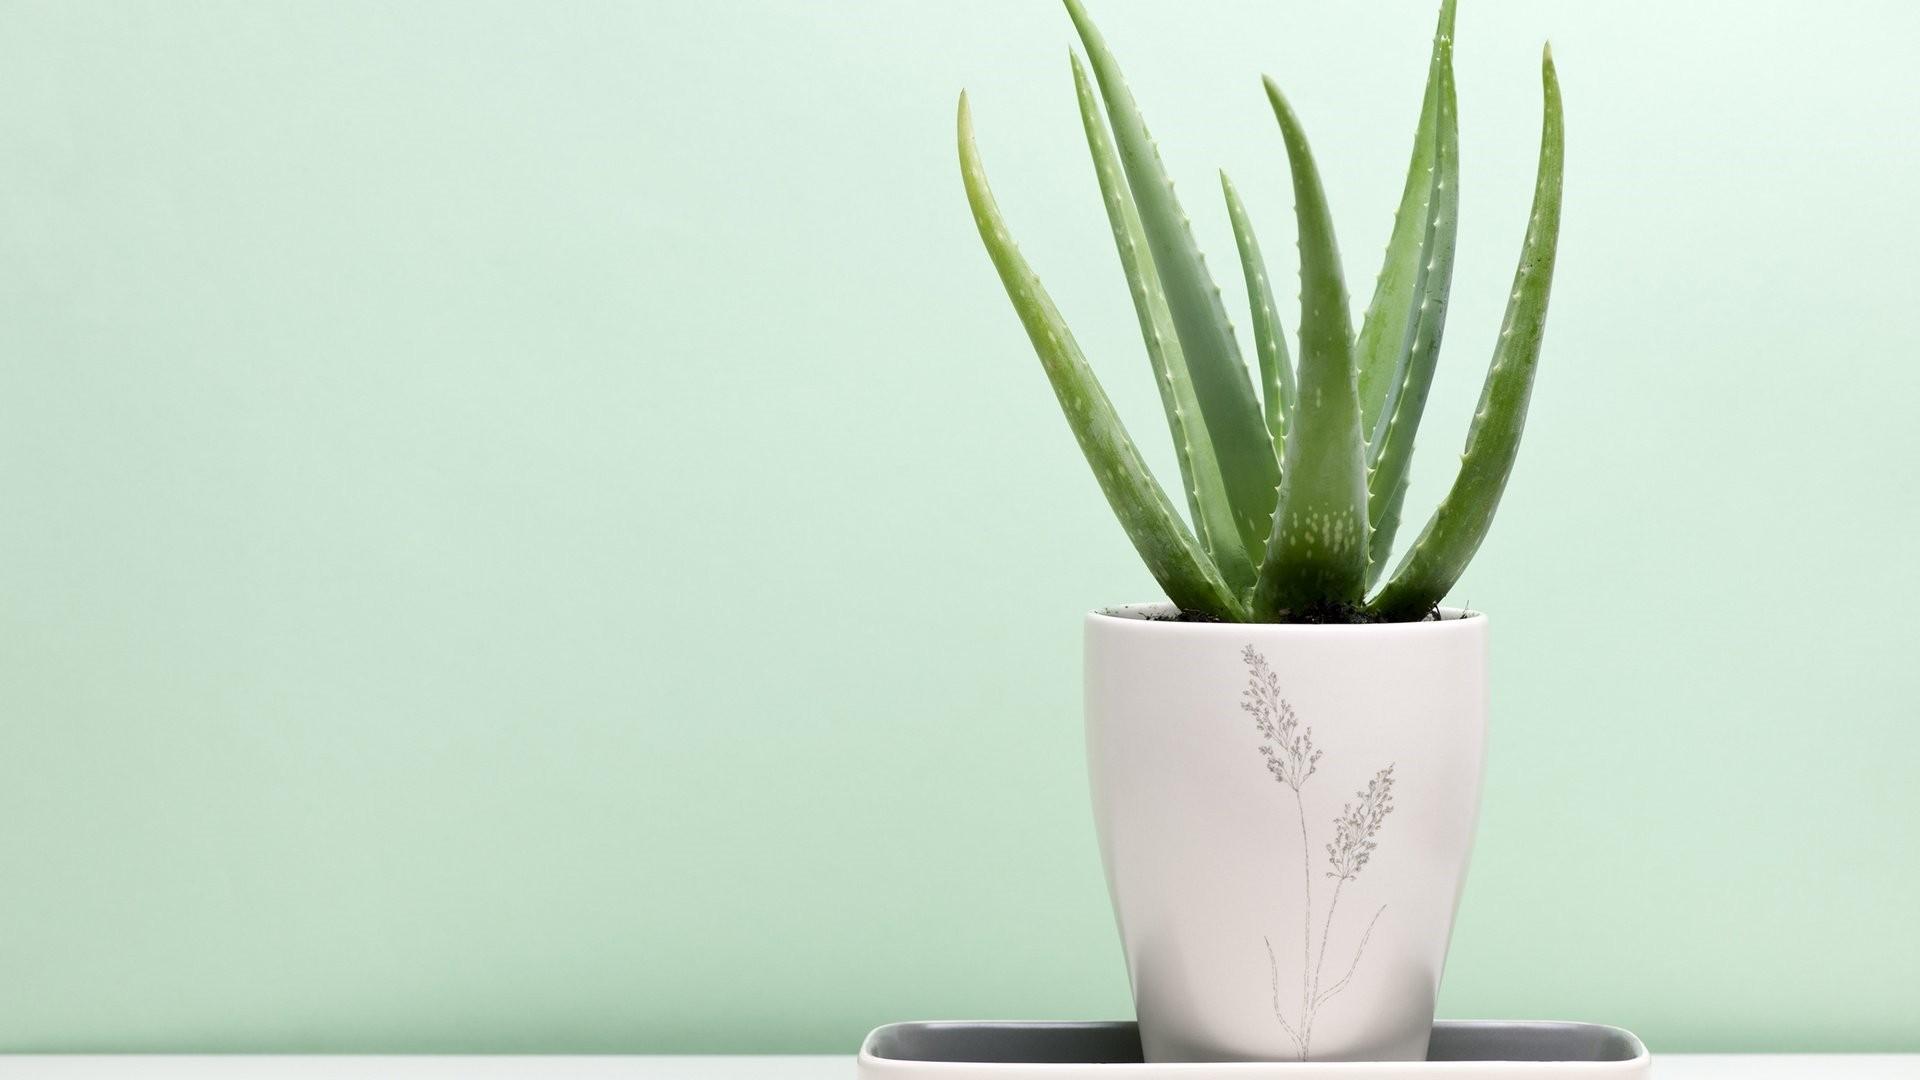 Cactus Minimalist Wallpaper